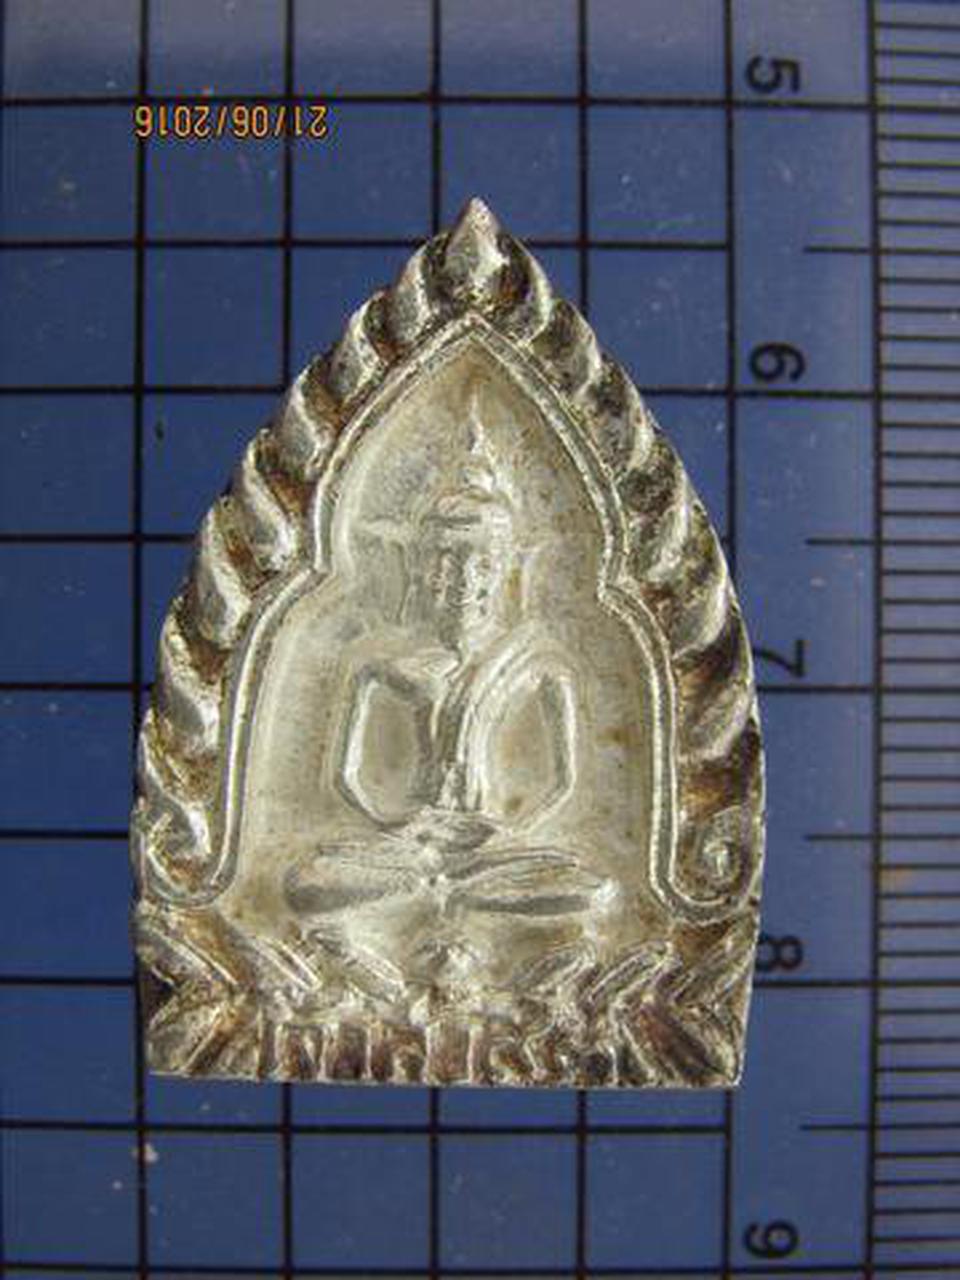 3584 เหรียญหล่อเจ้าสัว 93 หลวงปู่นิล วัดครบุรี ปี 2537 เนื้อ รูปที่ 3